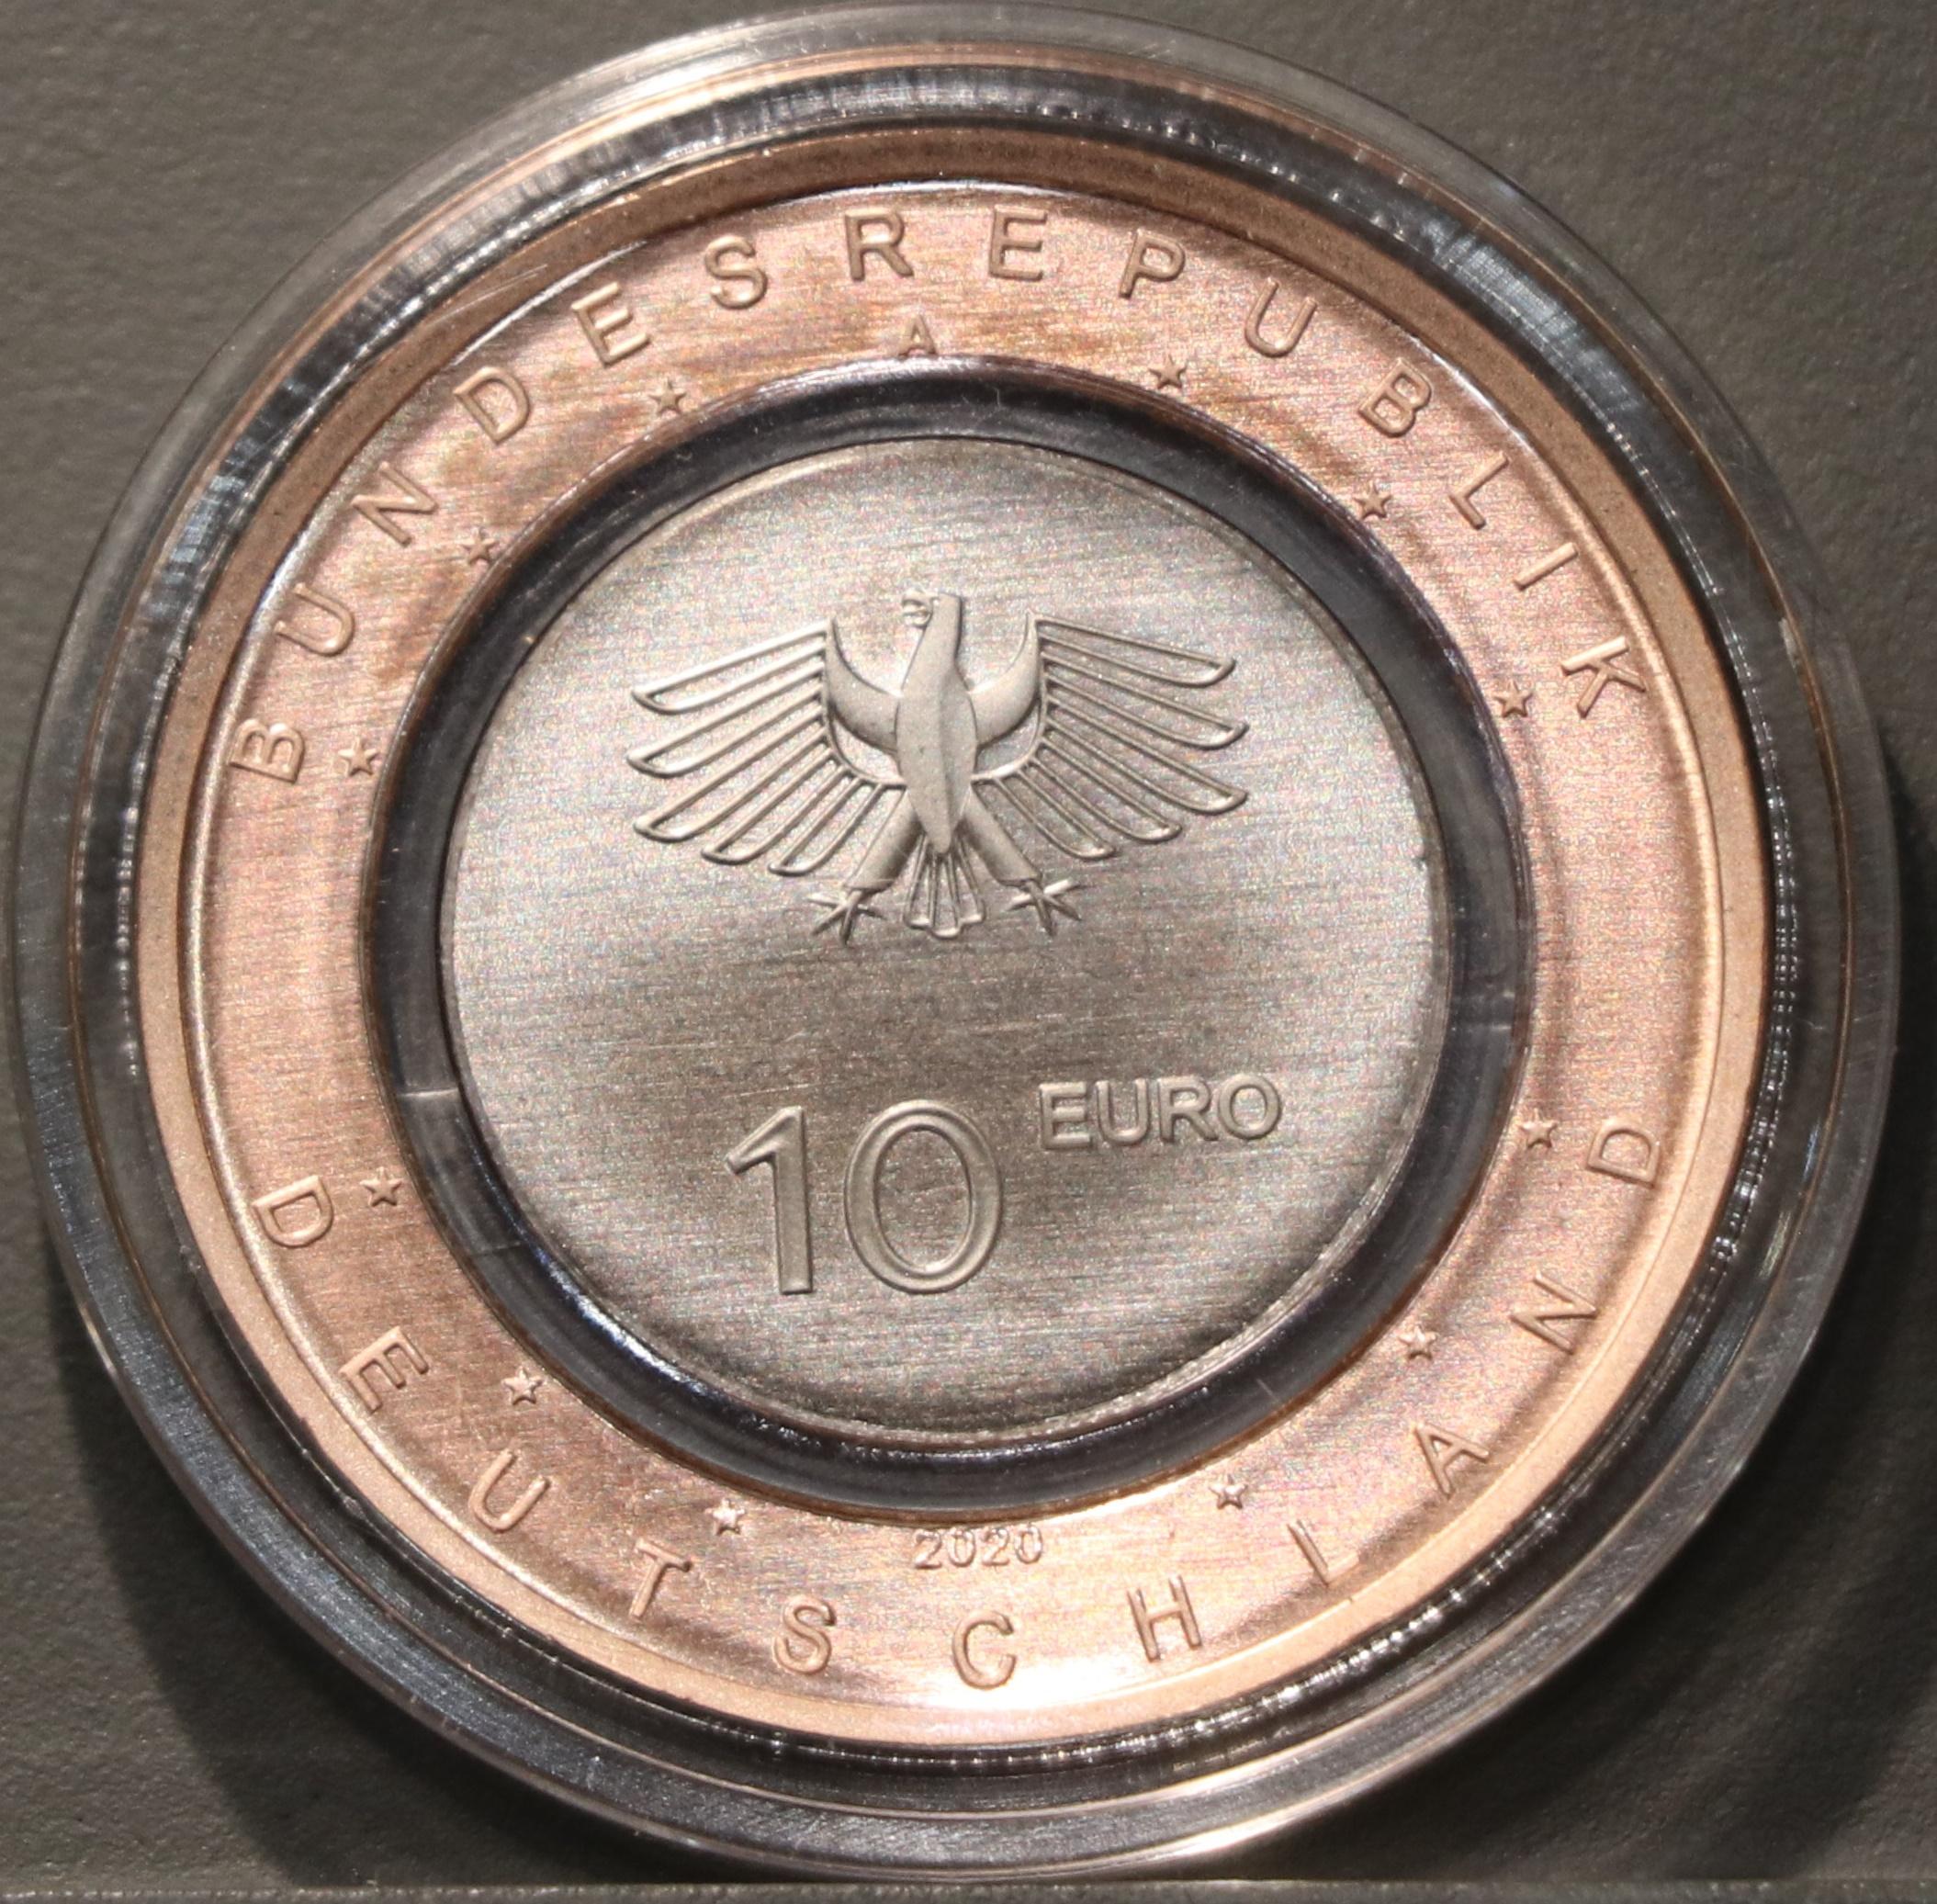 10 Euro Deutschland Wertseite.jpg